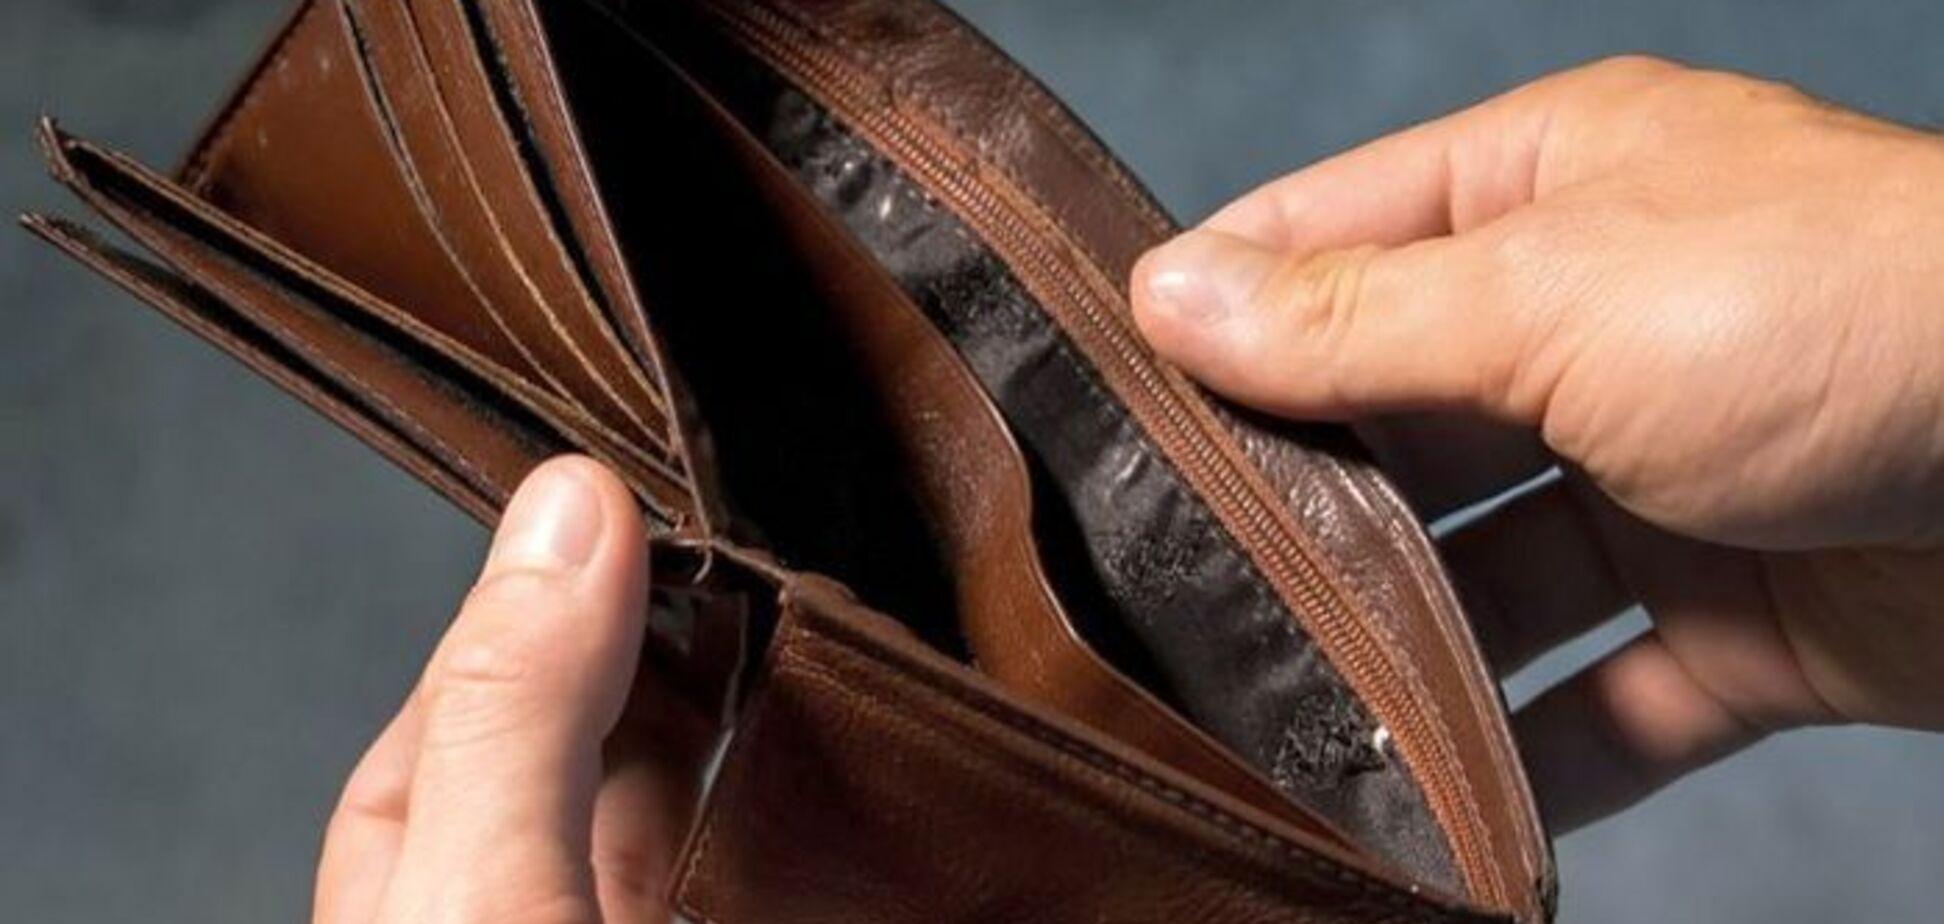 Высокие проценты и угрозы: как в Днепре подать жалобу и закрыть кредит в микрозайме